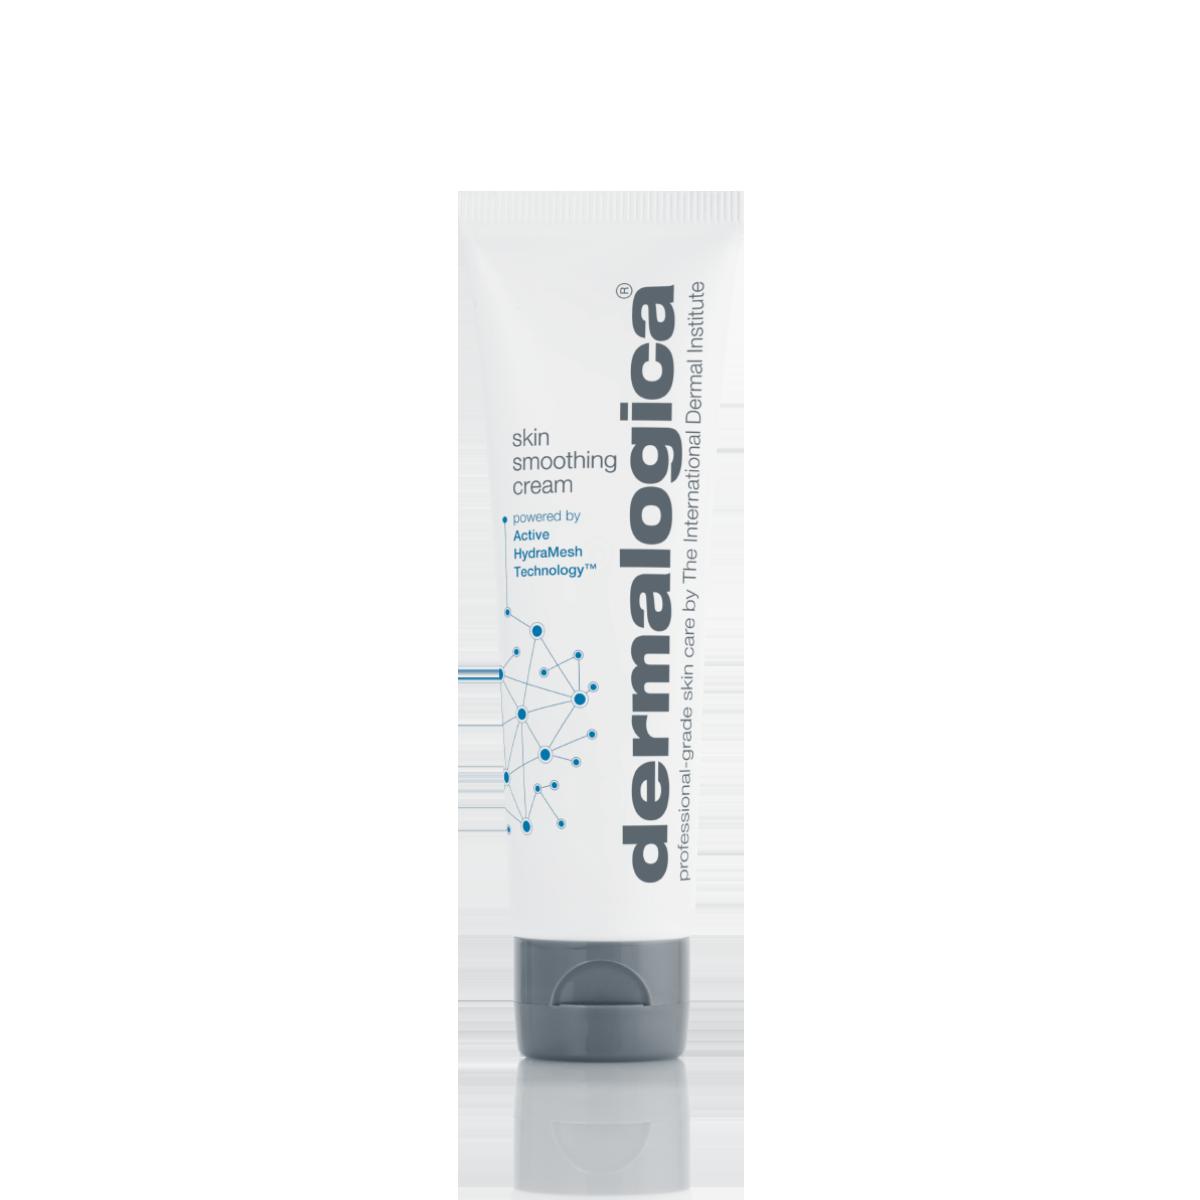 Skin Smoothing Cream 2.0 - 50ml-1